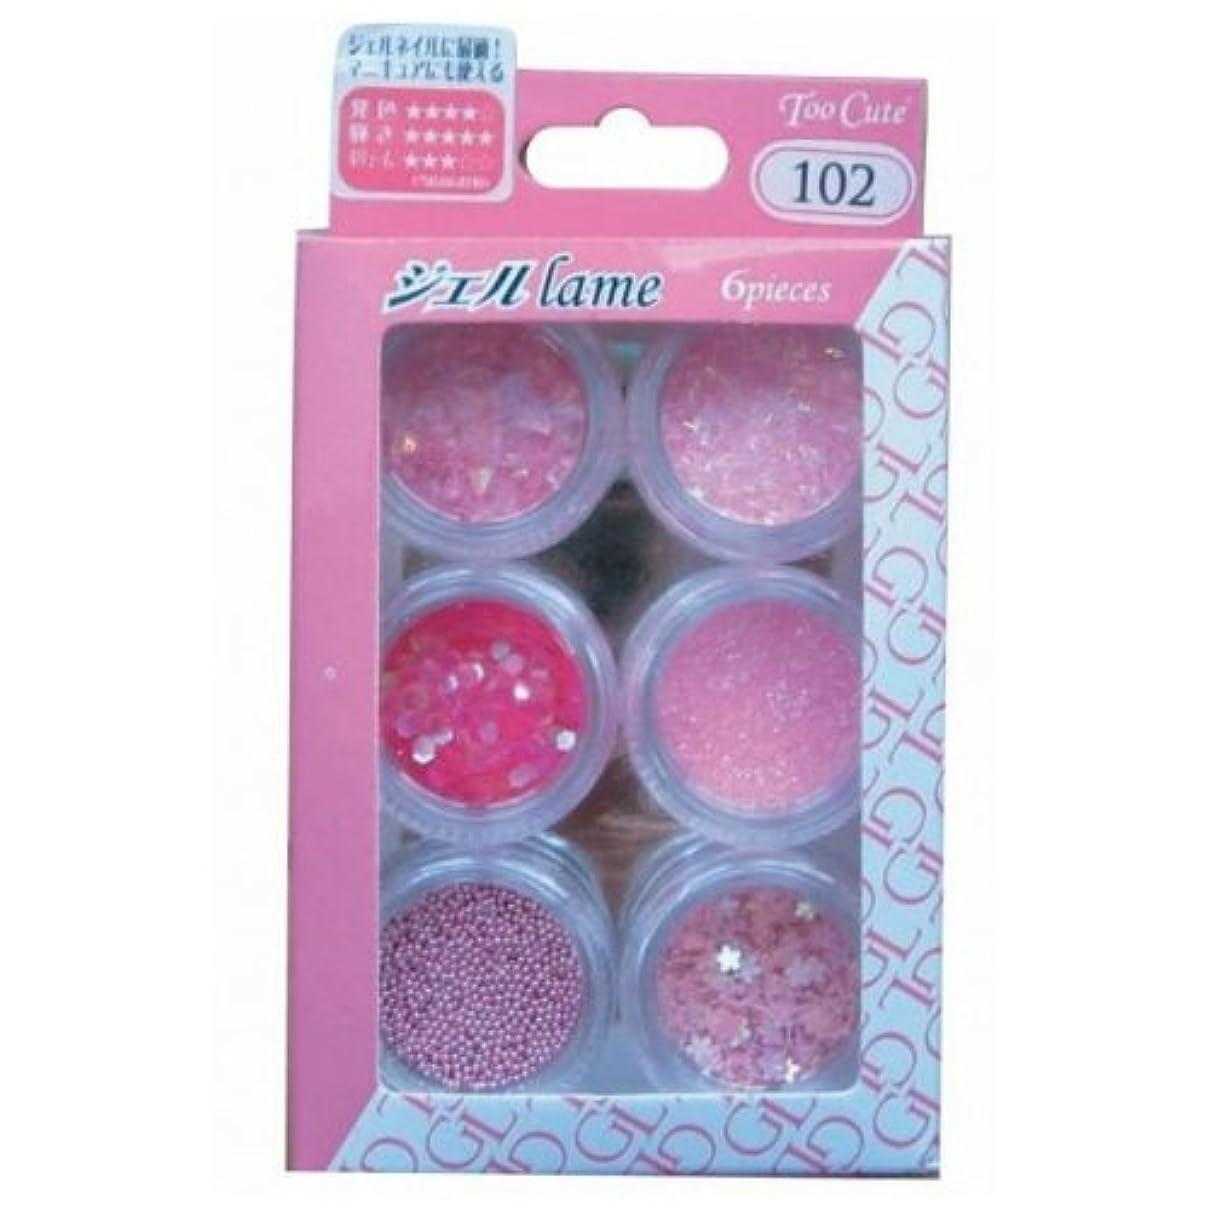 詳細な腹部床を掃除するジェルラメ ピンク